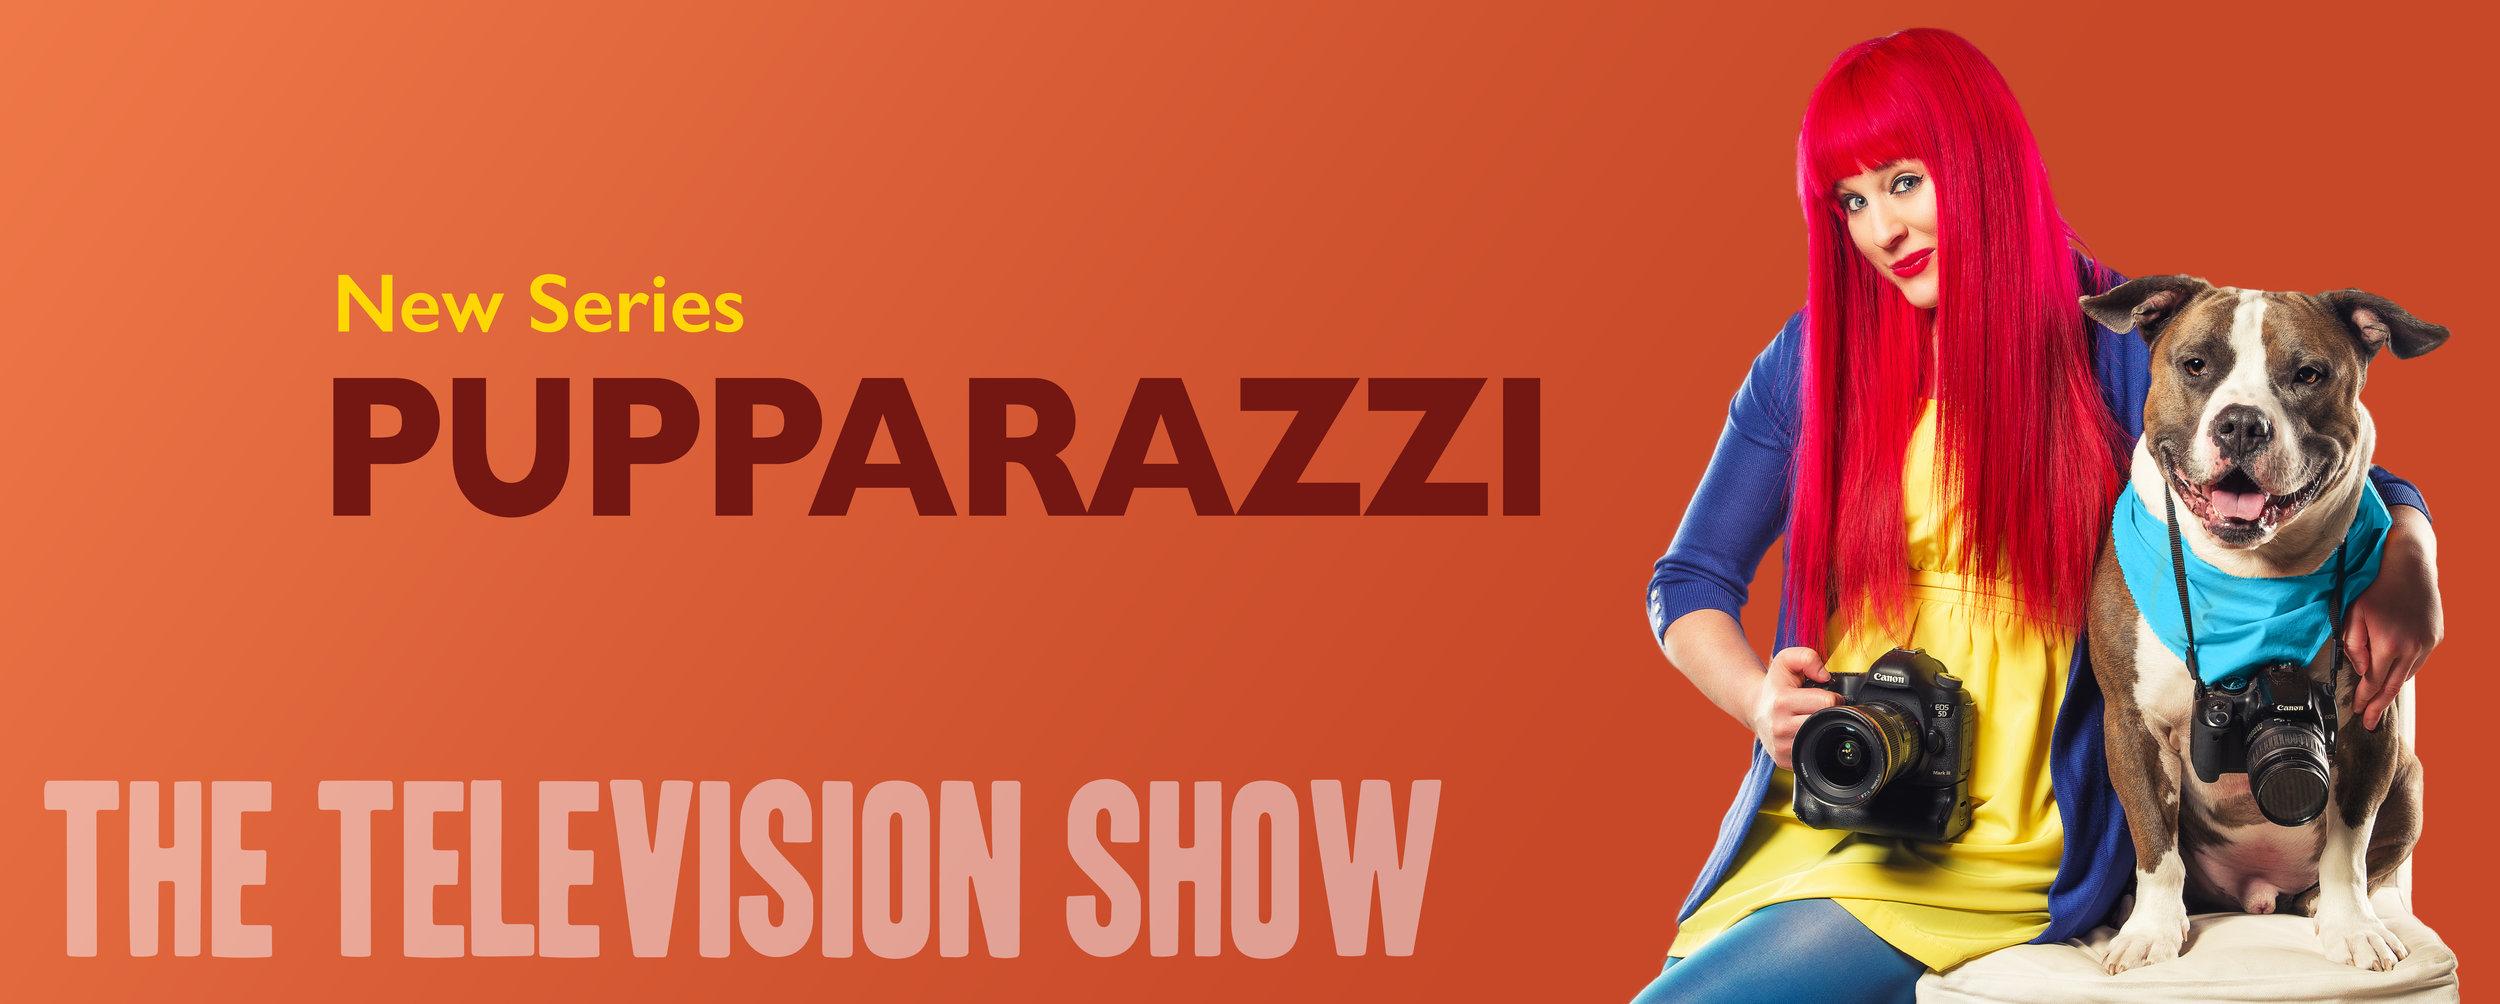 Pupparazzi-Kaylee-Greer.jpg